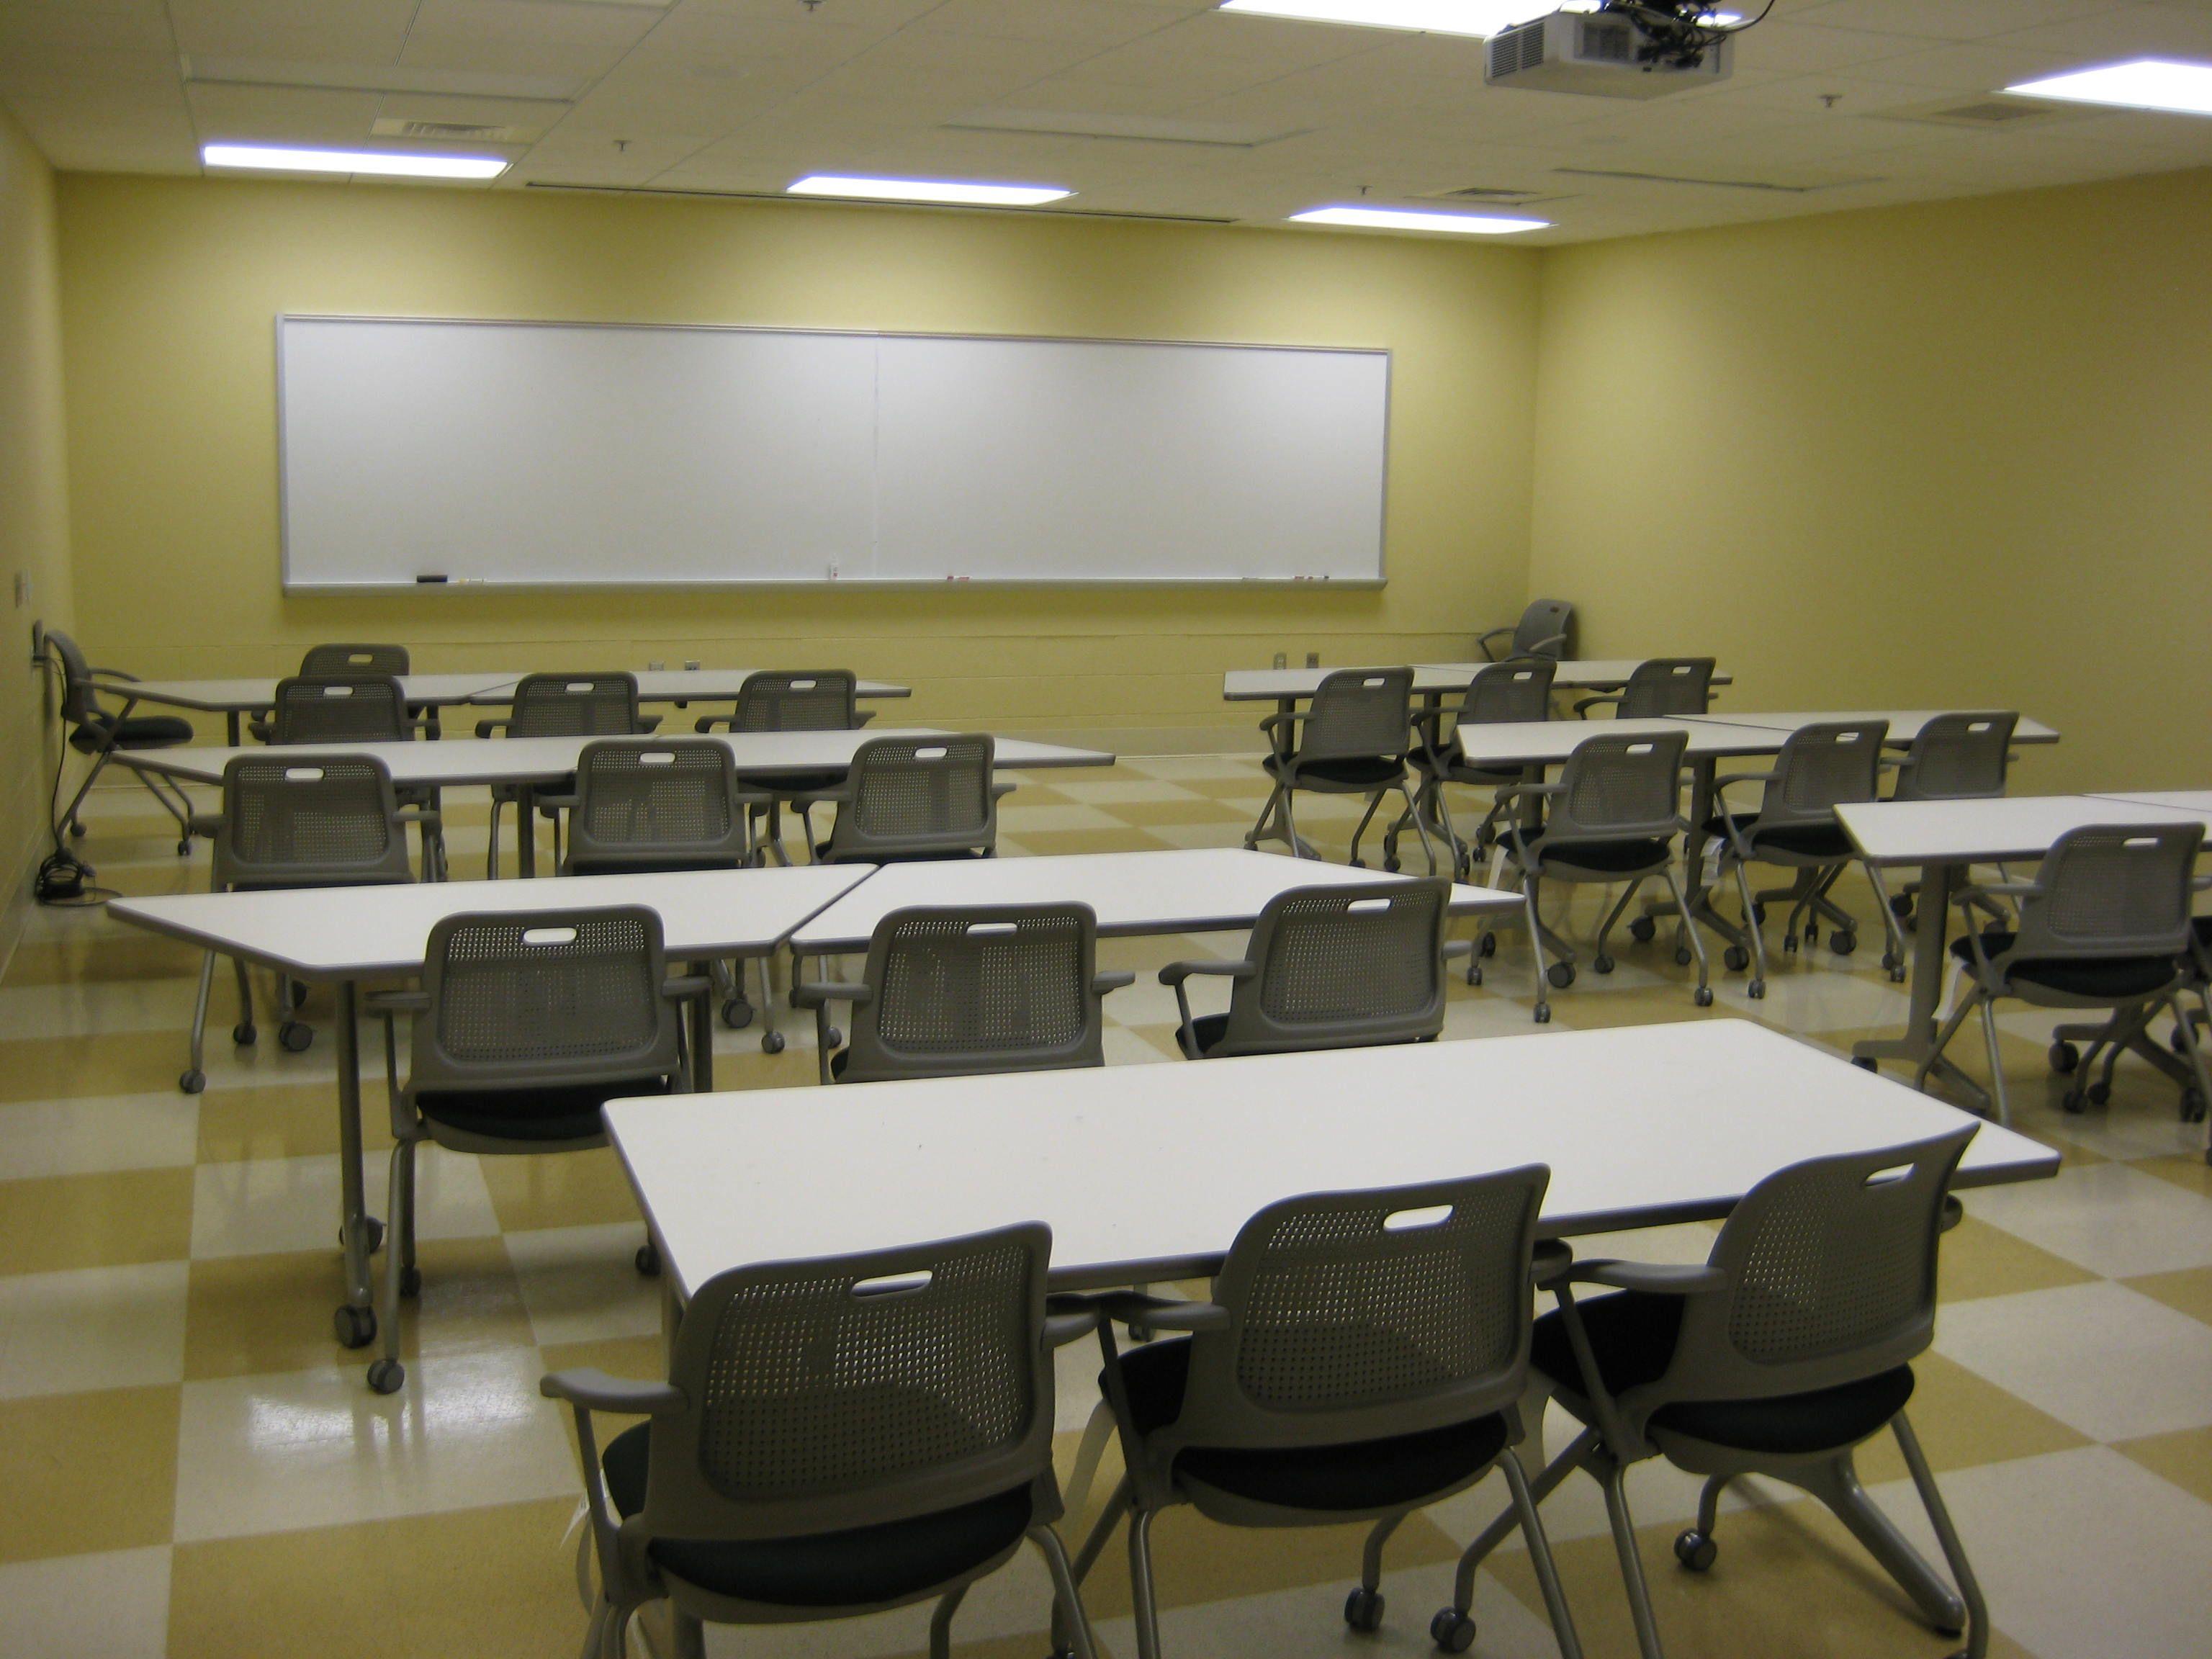 Exellent College Classroom Interior Design